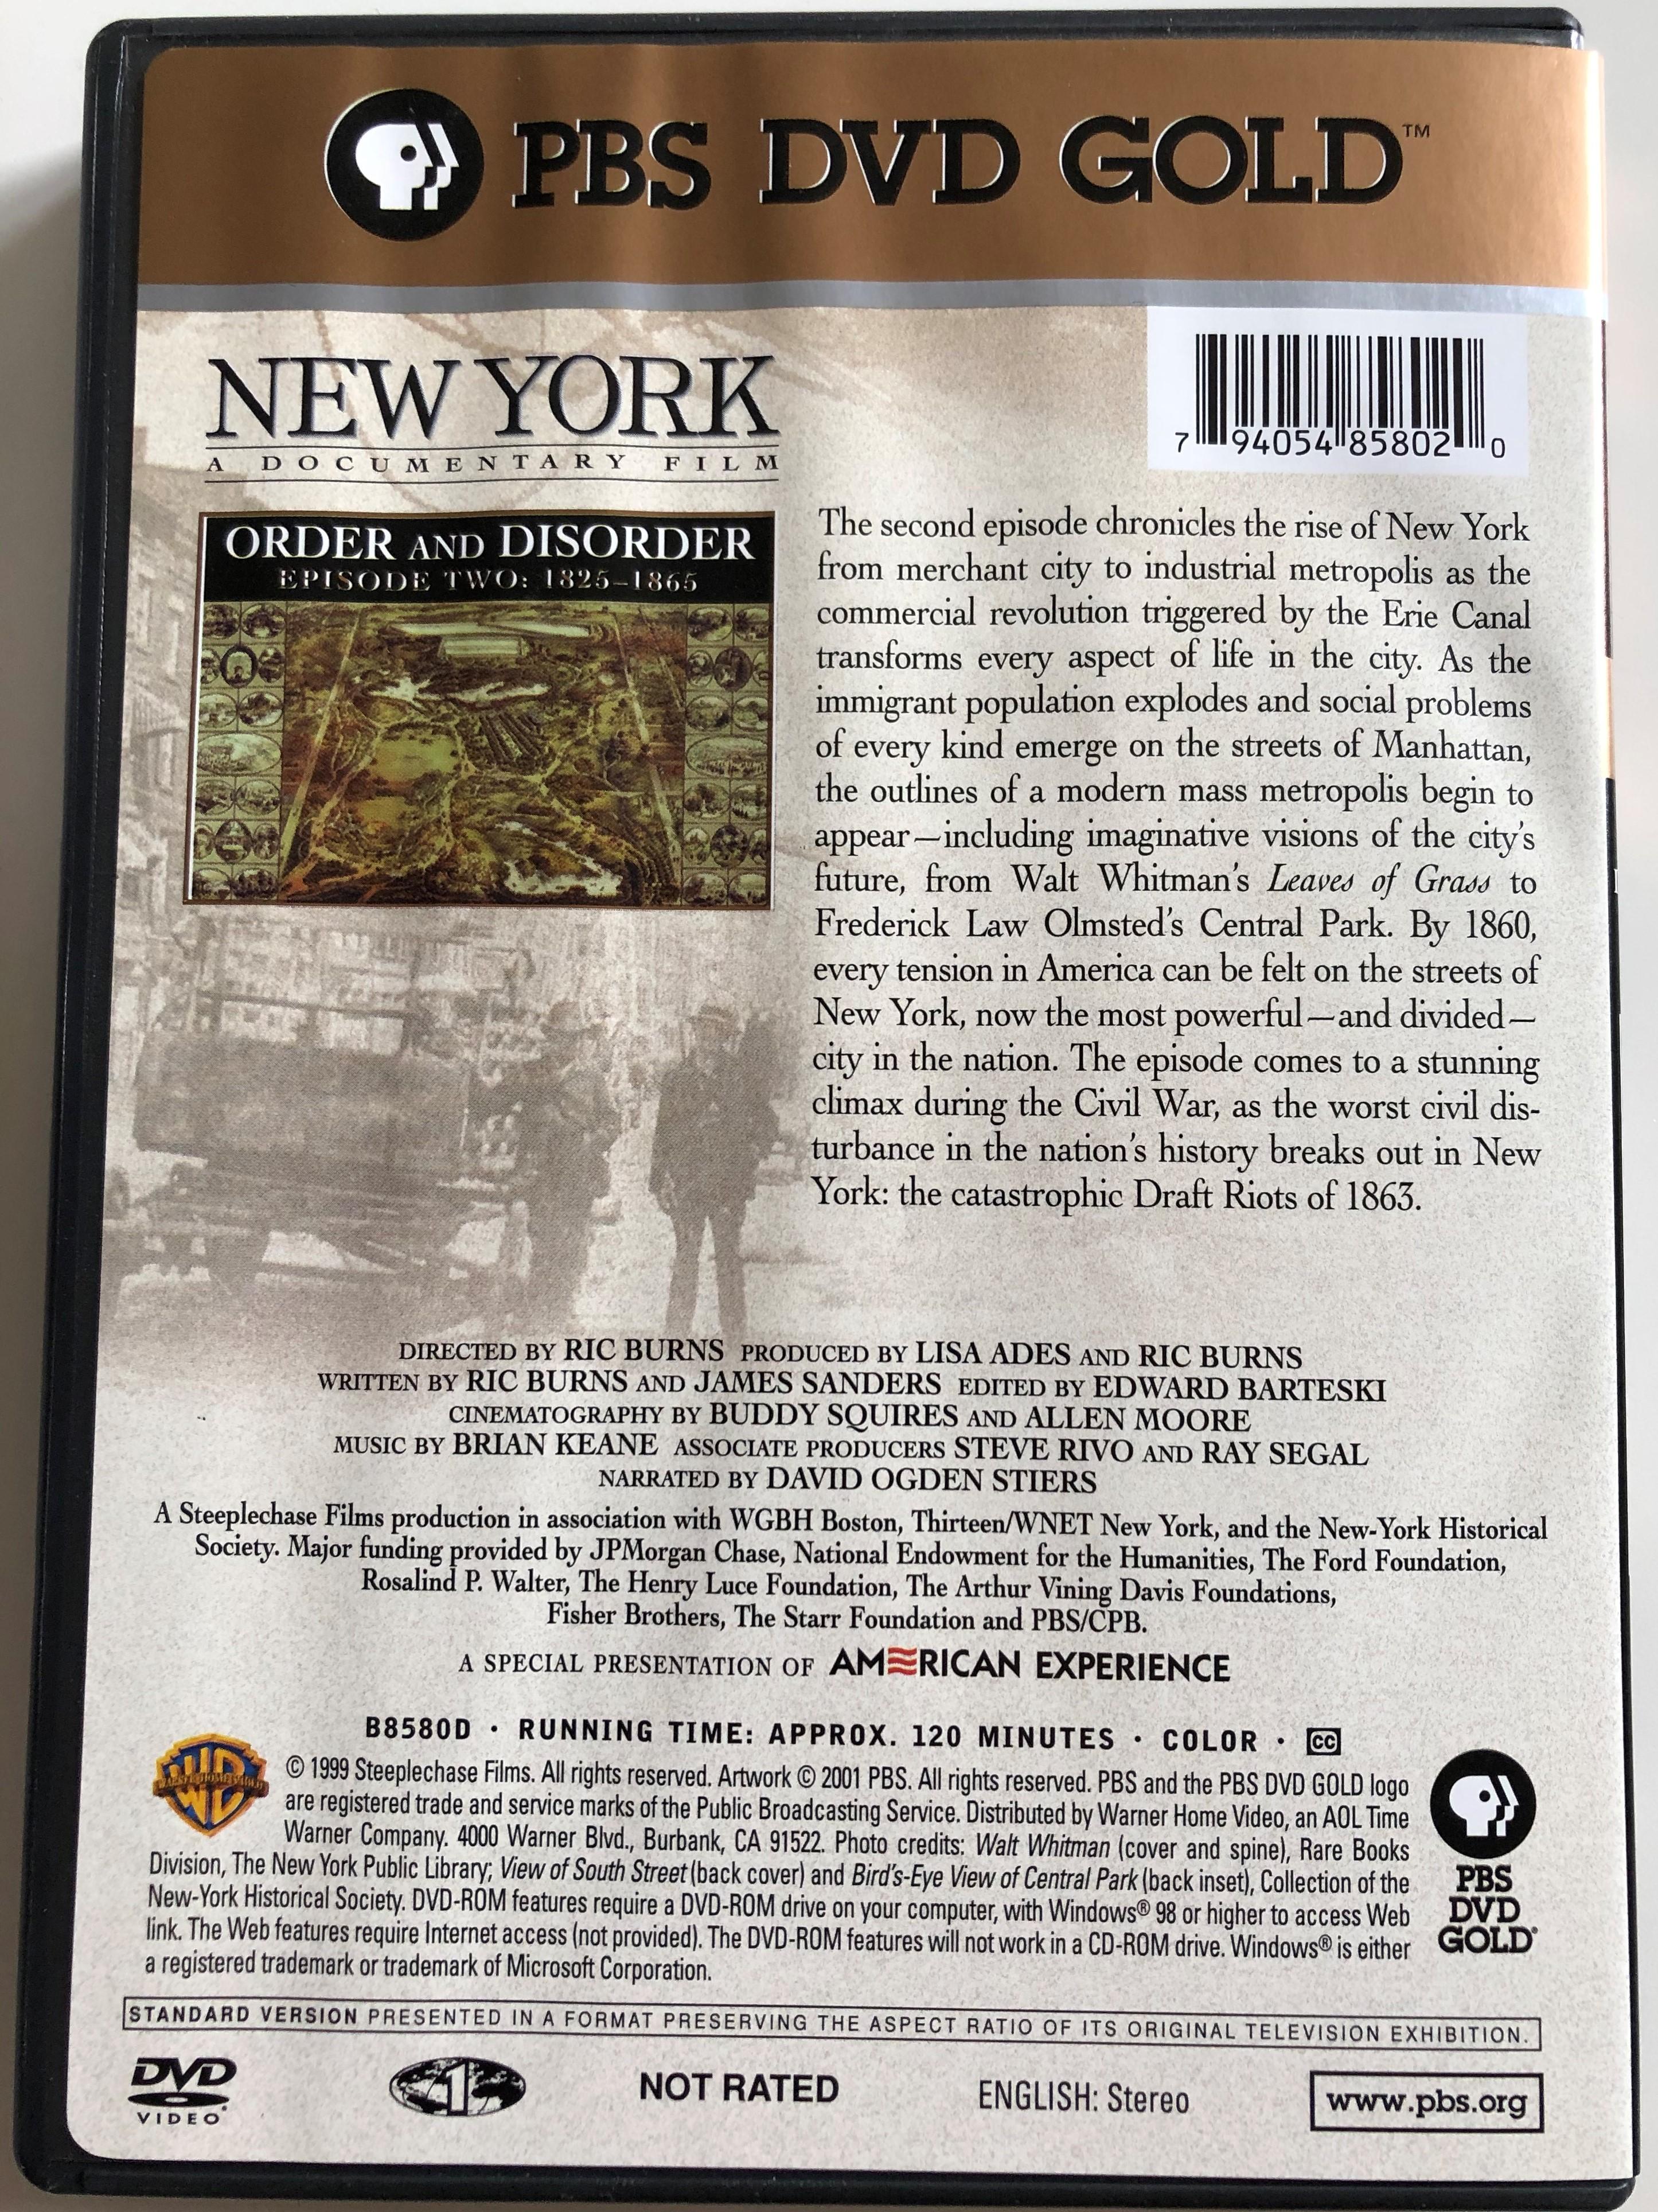 new-york-episode-2-1825-1865-3.jpg